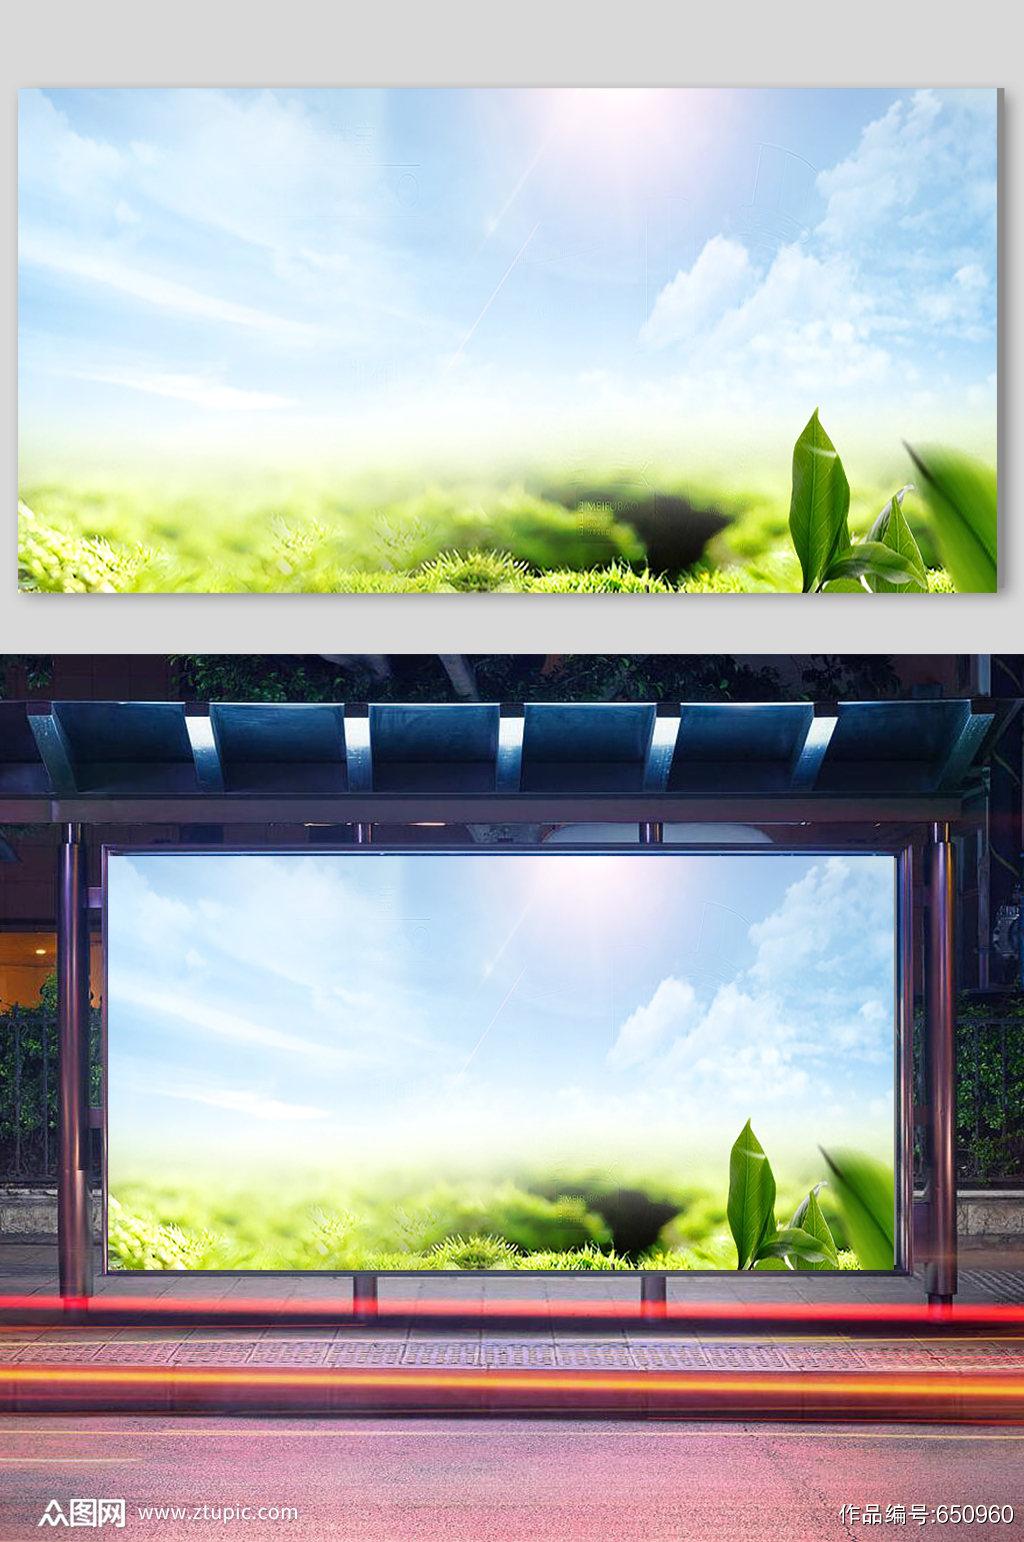 草地白云蓝天简洁背景素材